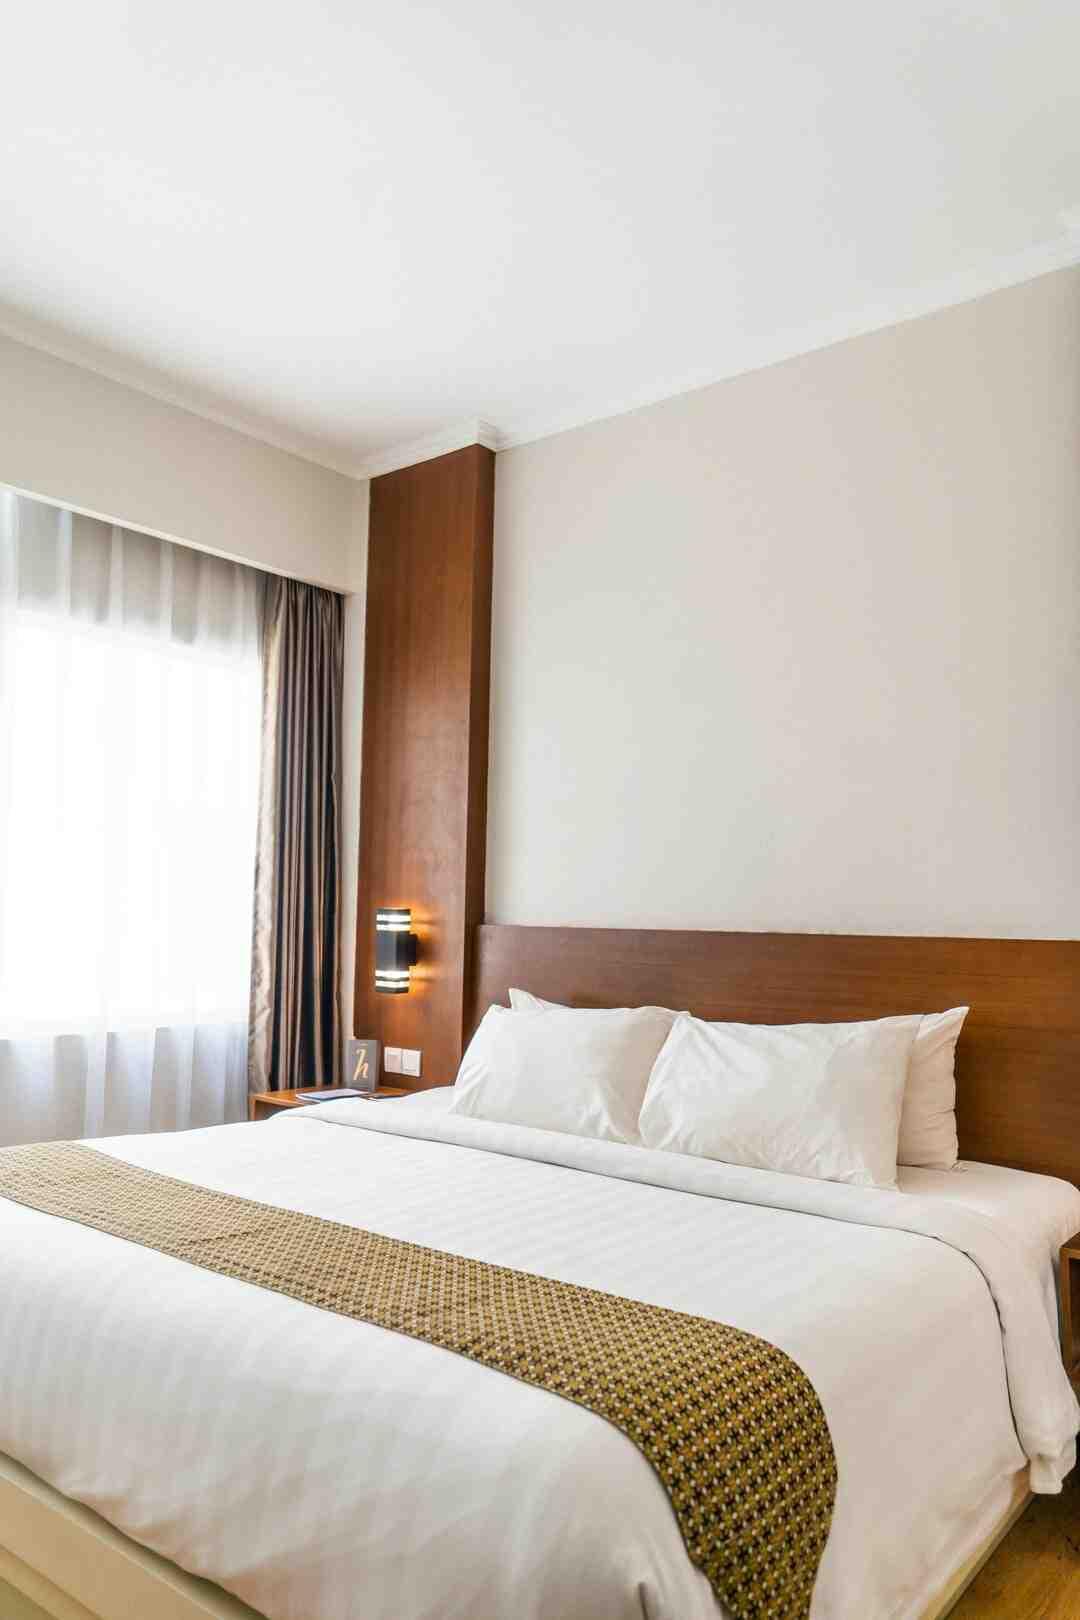 Comment faire un lit d'hôtel